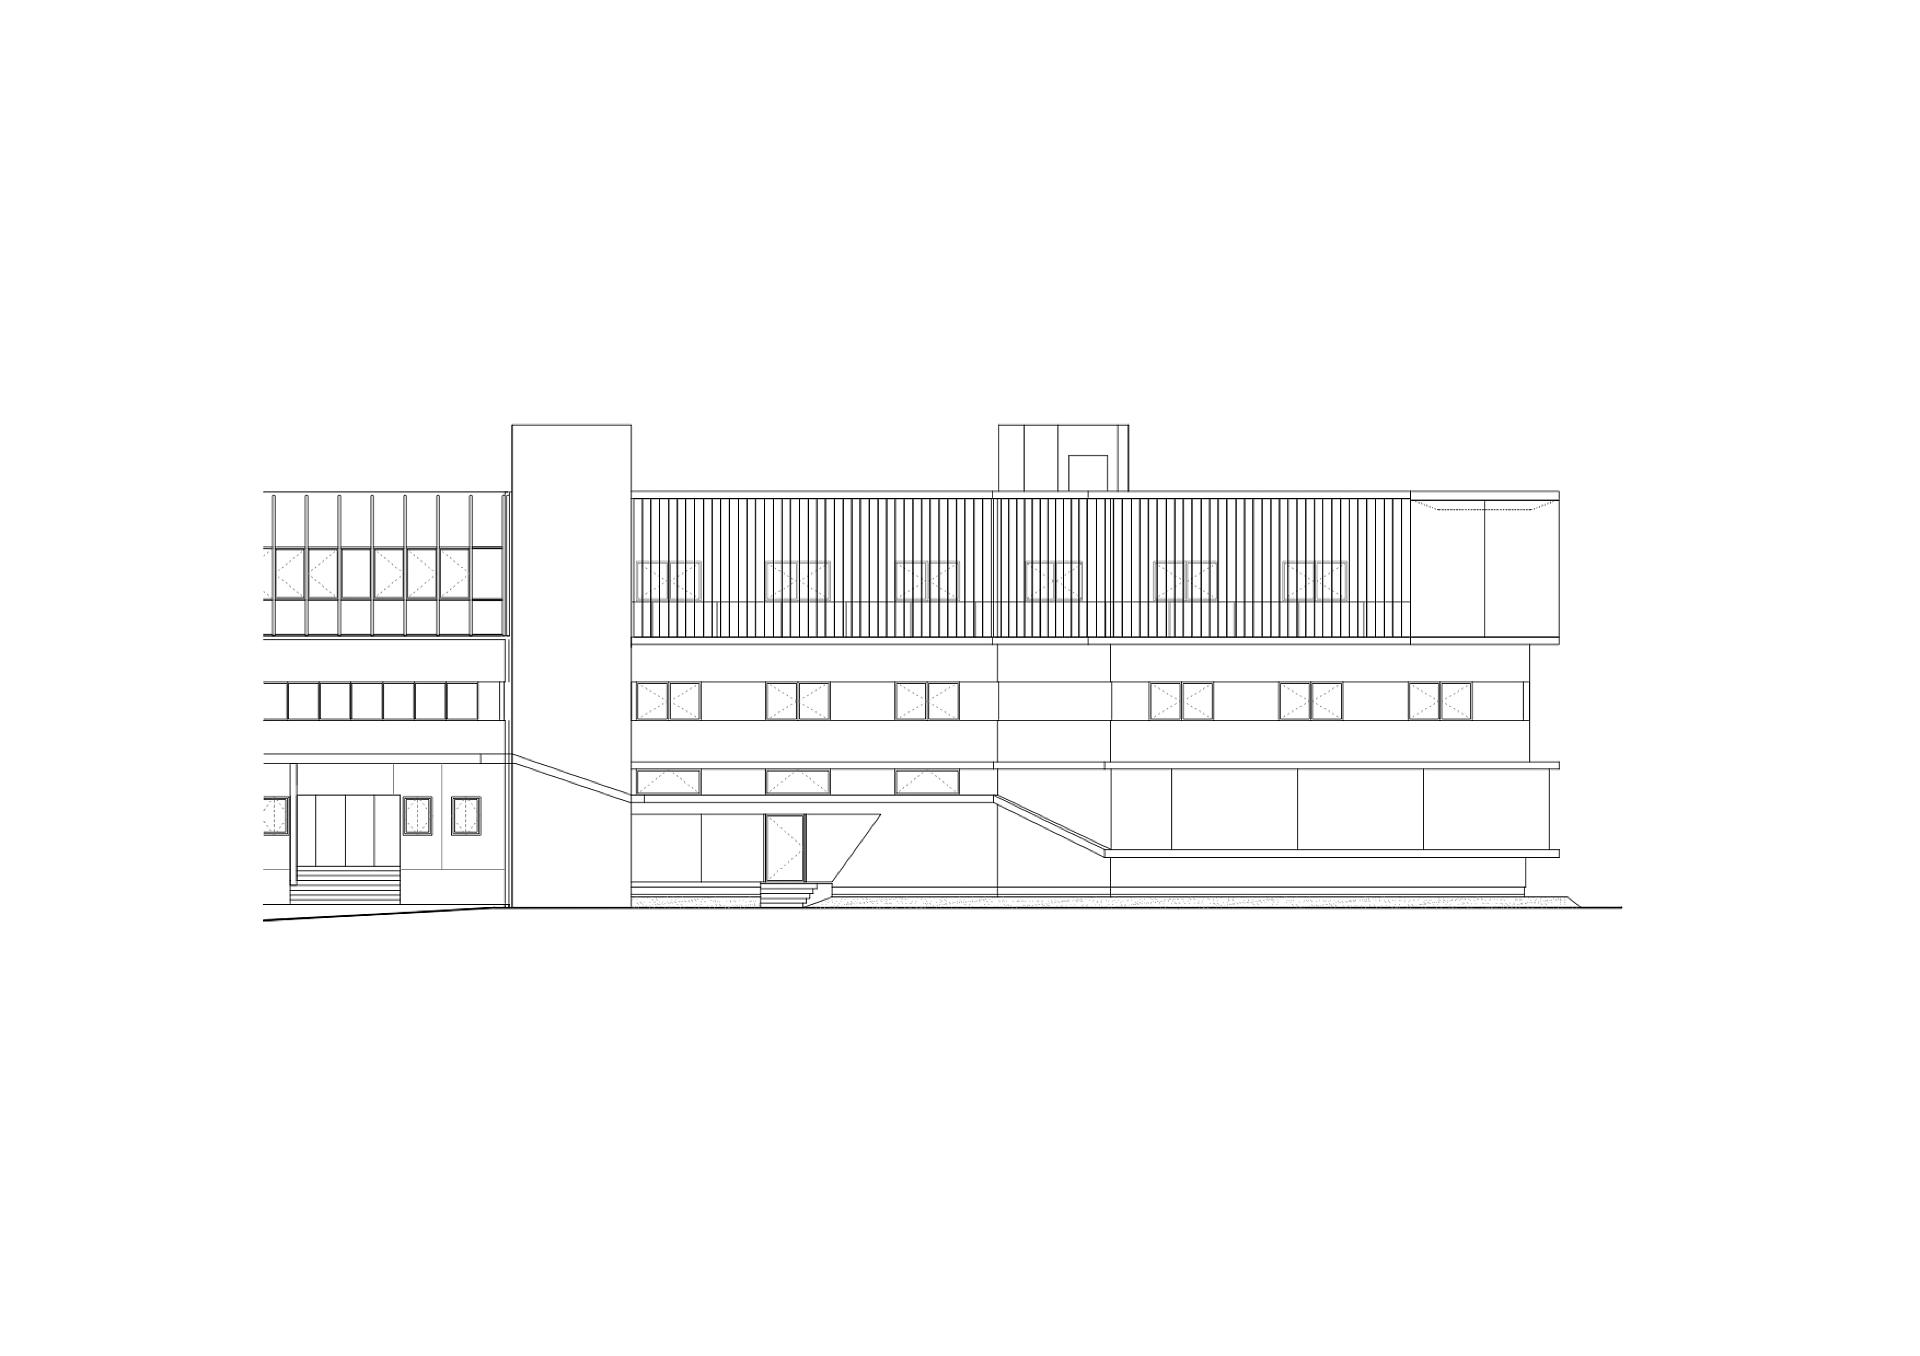 Studio DC10: Nuevas oficinas en el antiguo almacén SICAD en Uboldo, provincia de Varese